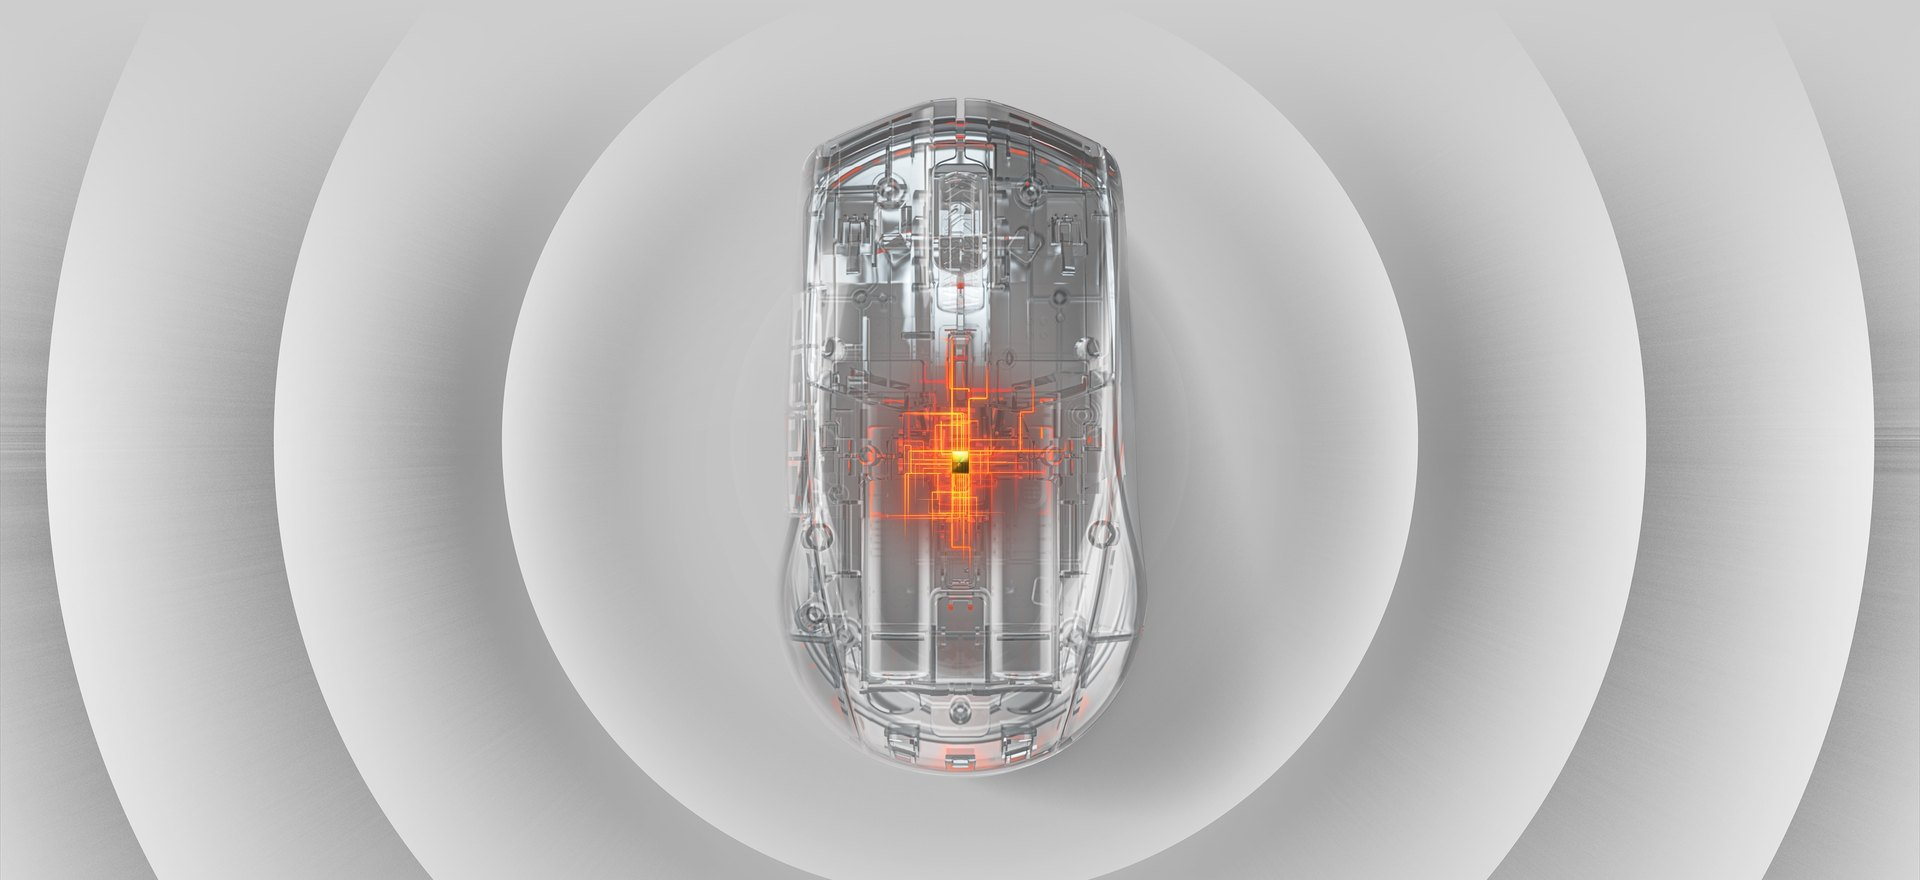 Chuột không dây Steelseries Rival 3 Wireless (62521) (USB/Đen) sử dụng công nghệ không dây tiên tiến cho độ trễ thấp